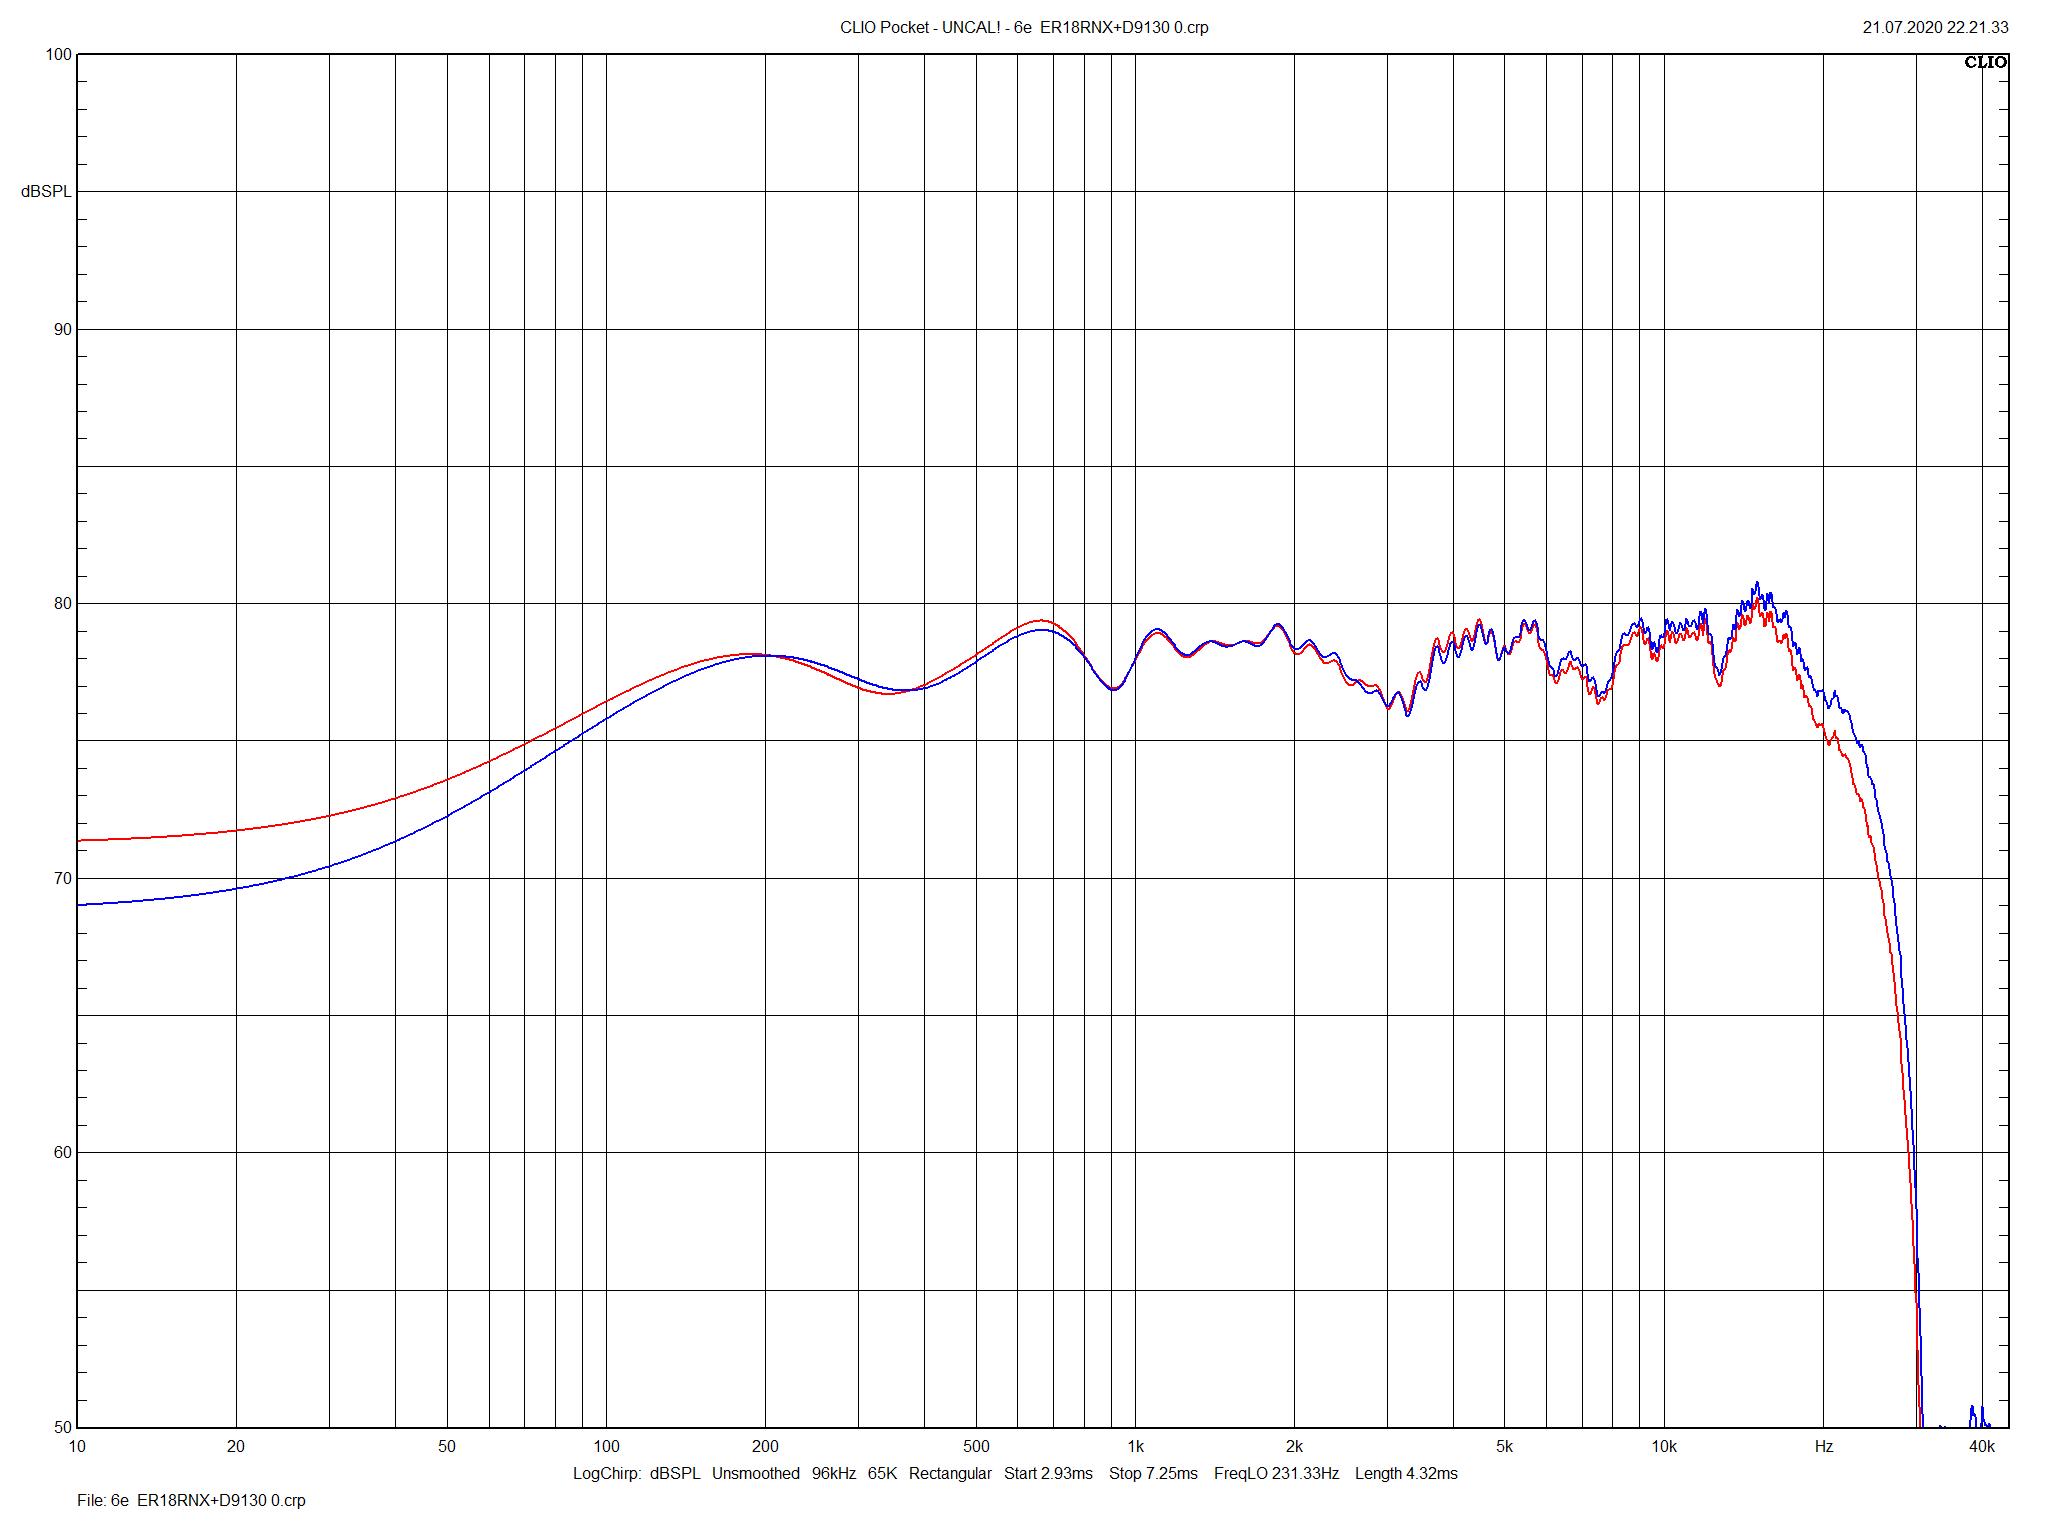 Klicke auf die Grafik für eine größere Ansicht  Name:6b (blau) vs 6e (rot).png Hits:308 Größe:97,1 KB ID:55978